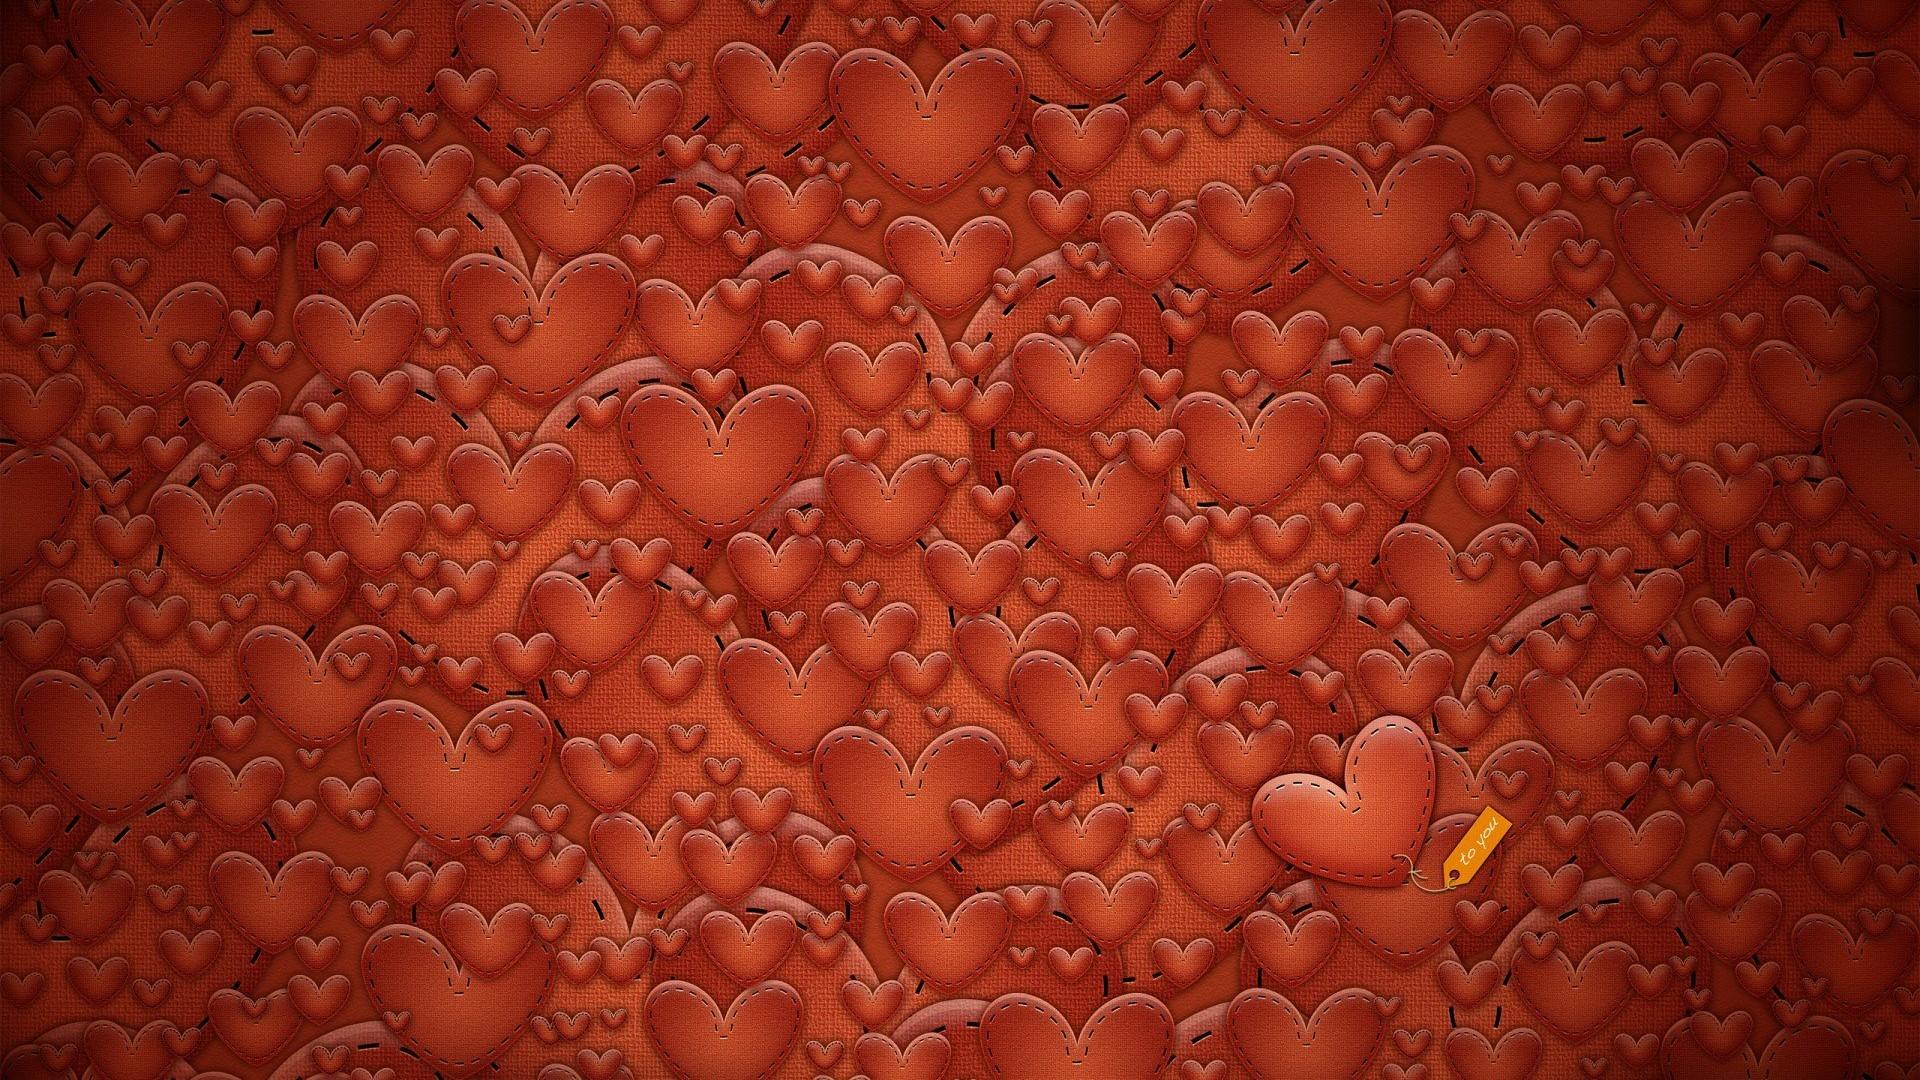 Hình ảnh nhiều trái tim đẹp